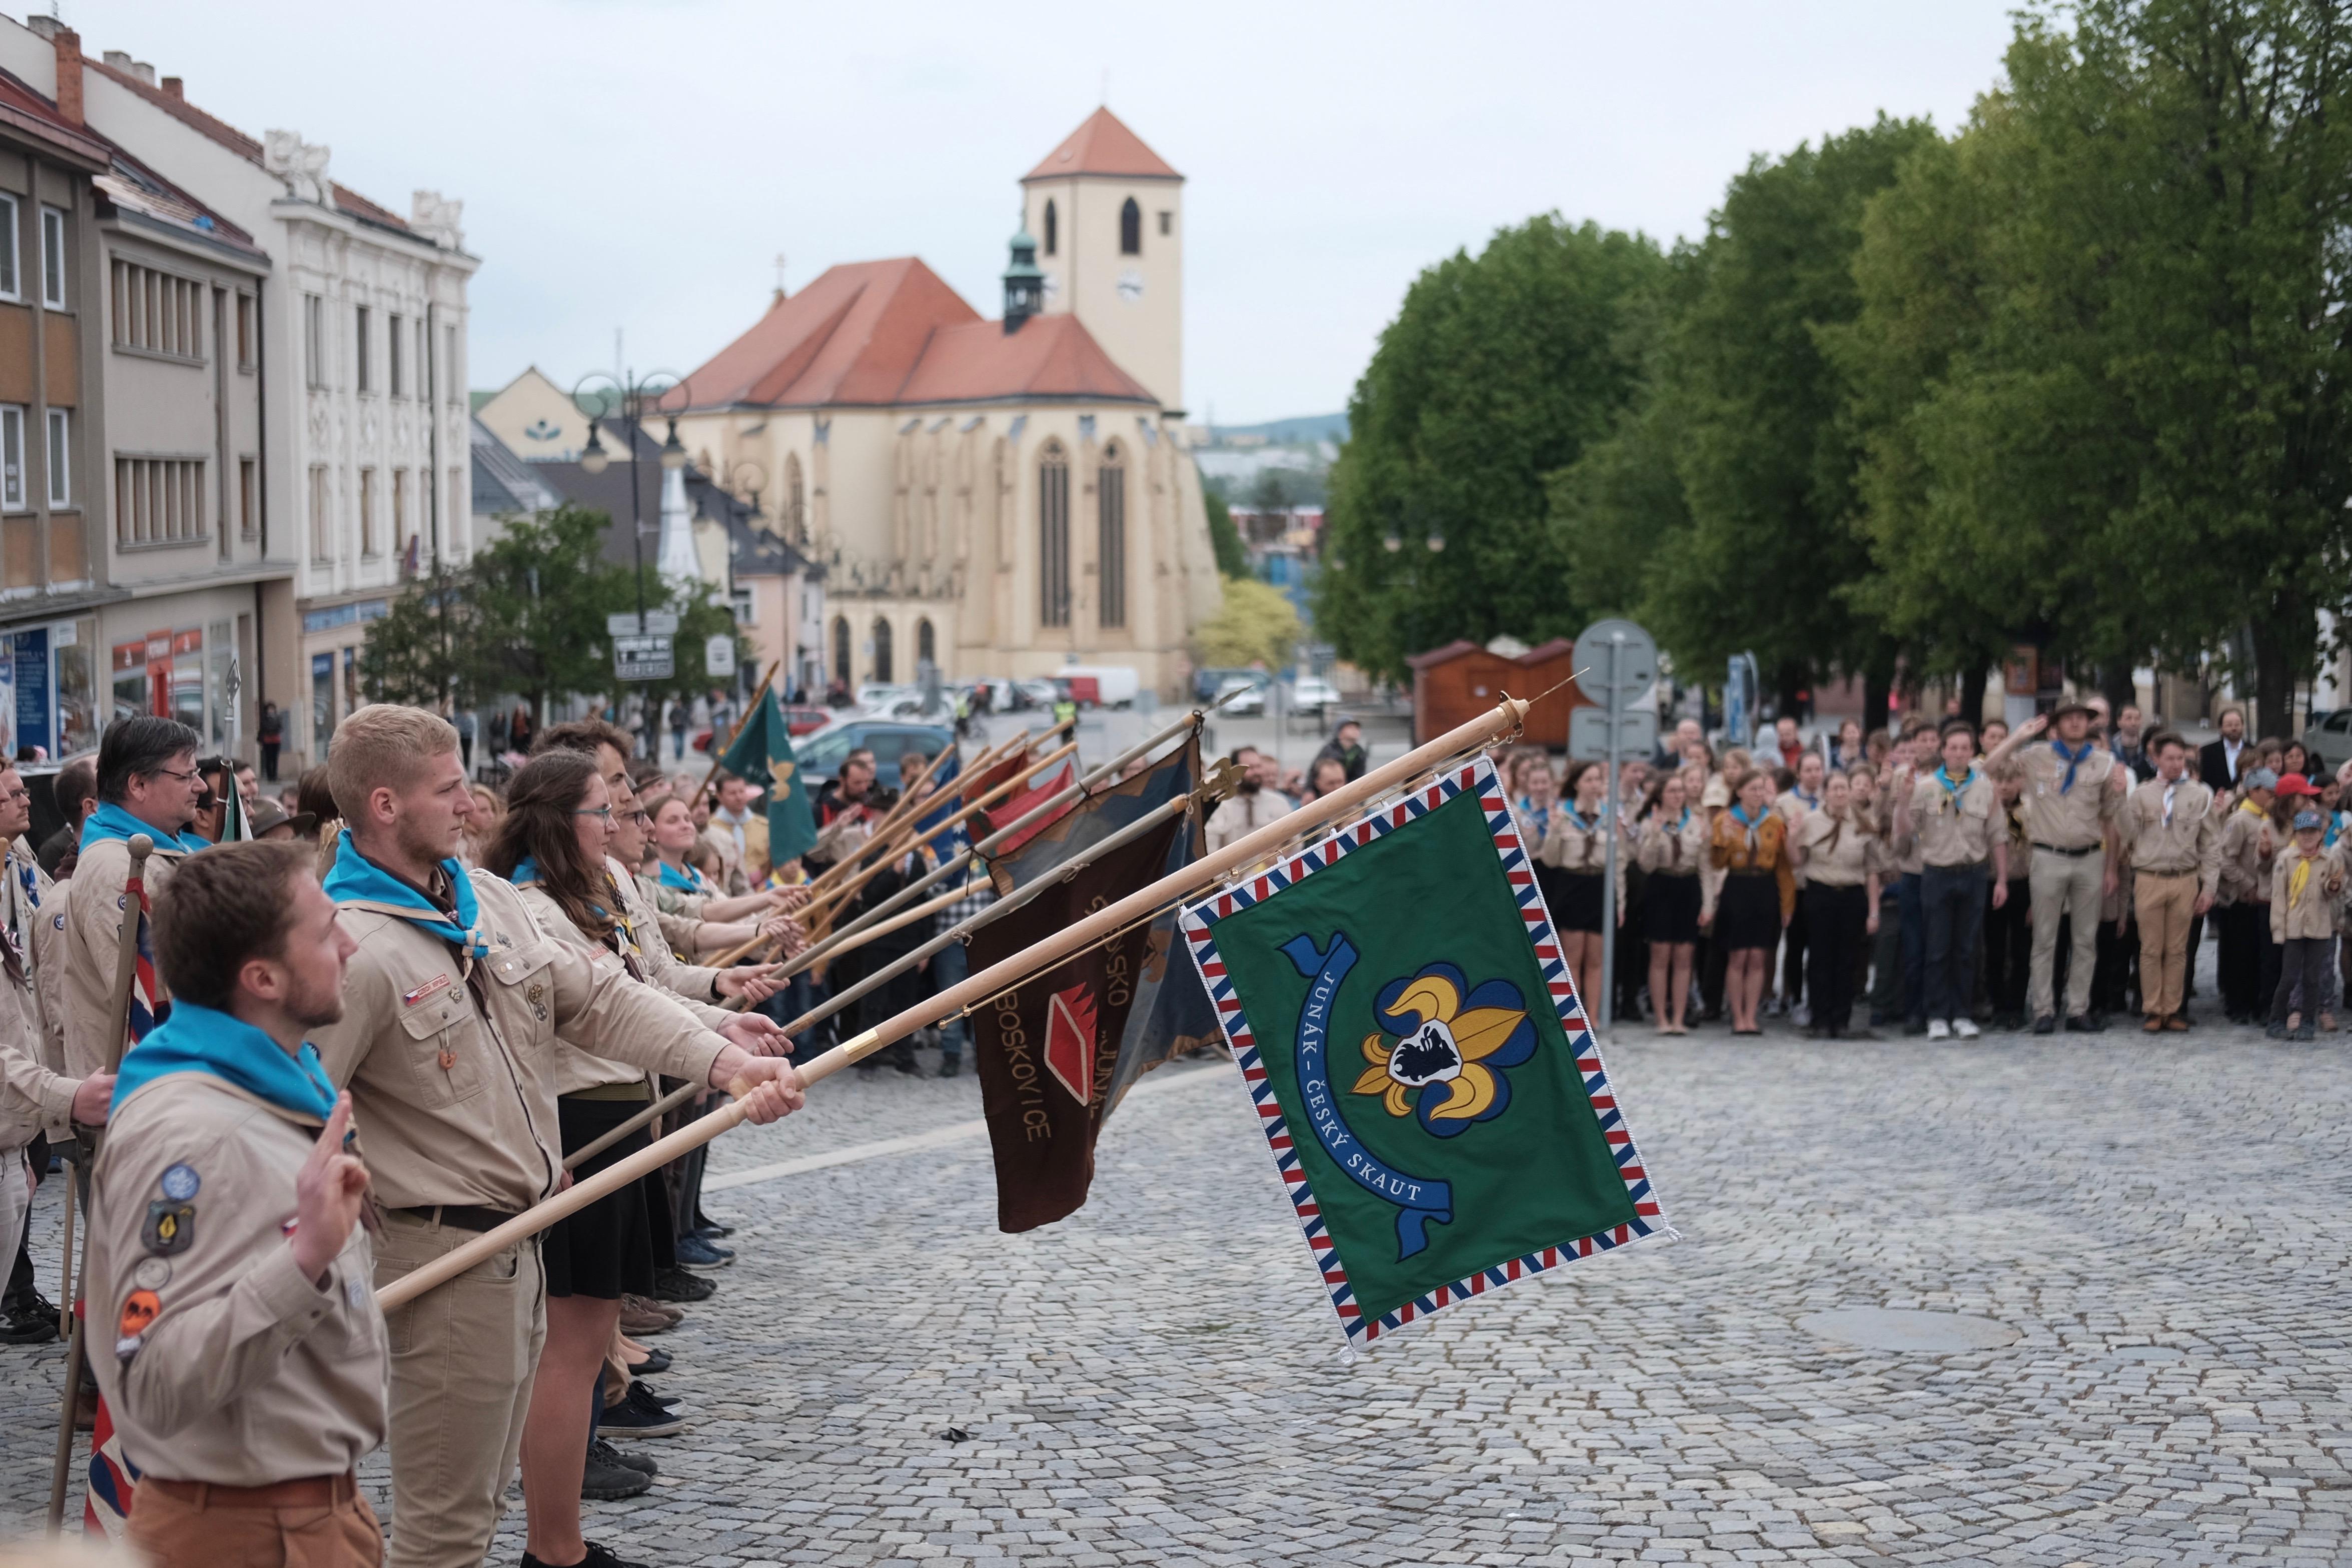 Oslava 100 let skautingu v Boskovicích